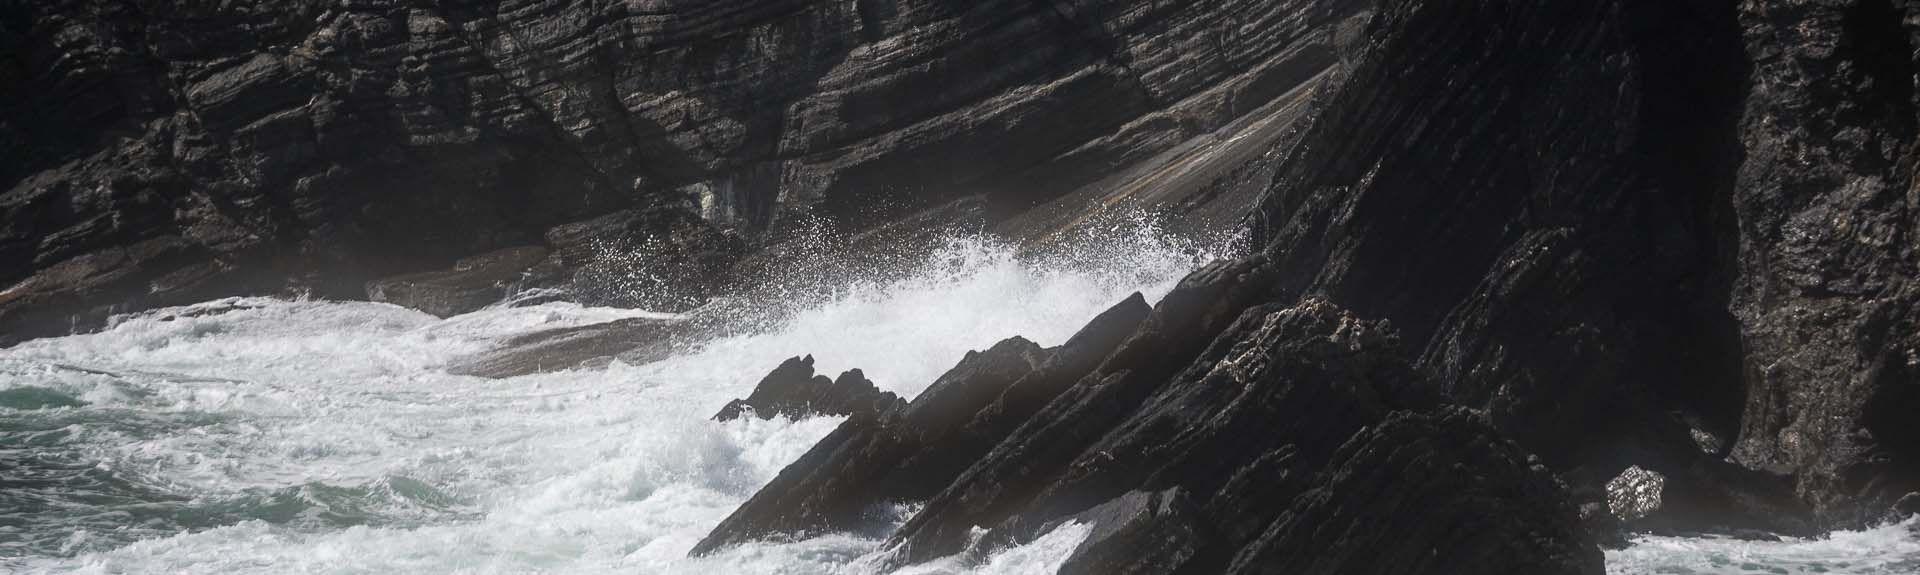 Ricco del Golfo di Spezia, Ligurië, Italië